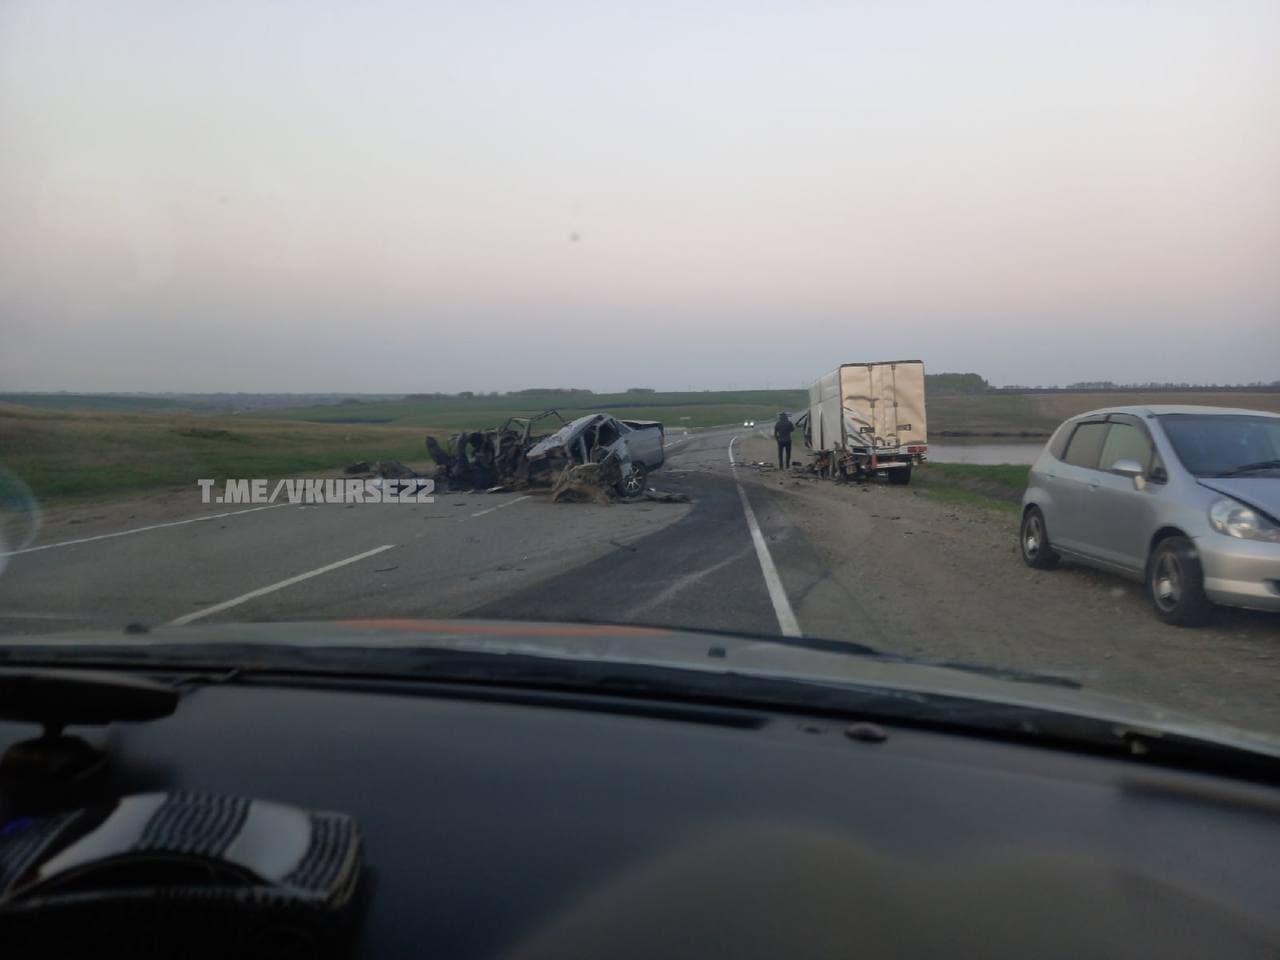 В Калманском районе молодой водитель ВАЗа погиб лобовом столкновении иномаркой